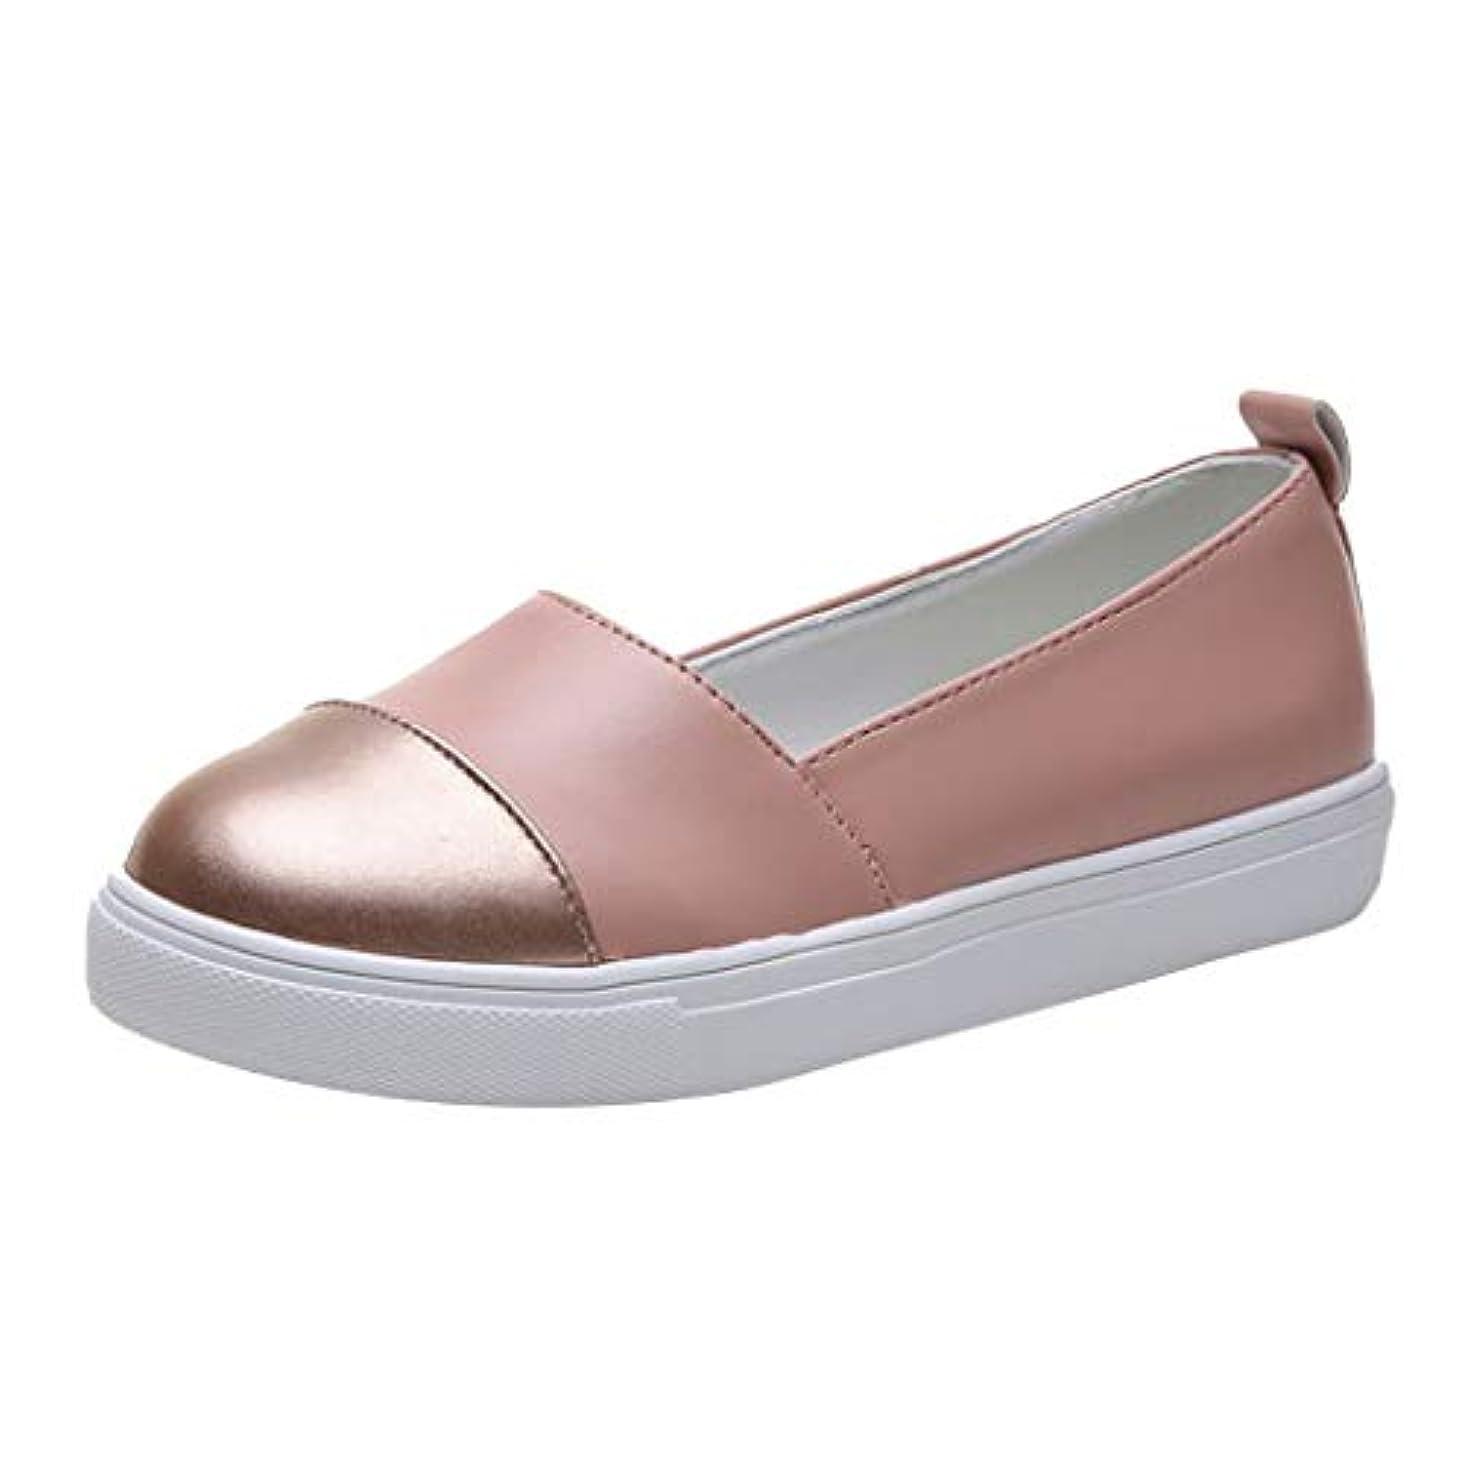 疑問に思う首相グッゲンハイム美術館レディース カジュアルシューズ Hodarey 無地 浅口 ラウンドヘッドカジュアルシューズ フラットシューズ ローファー 怠惰な靴 婦人靴 厚底 レジャー シューズ 美脚 ファッション 女性の靴 人気 安い 疲れにくい...